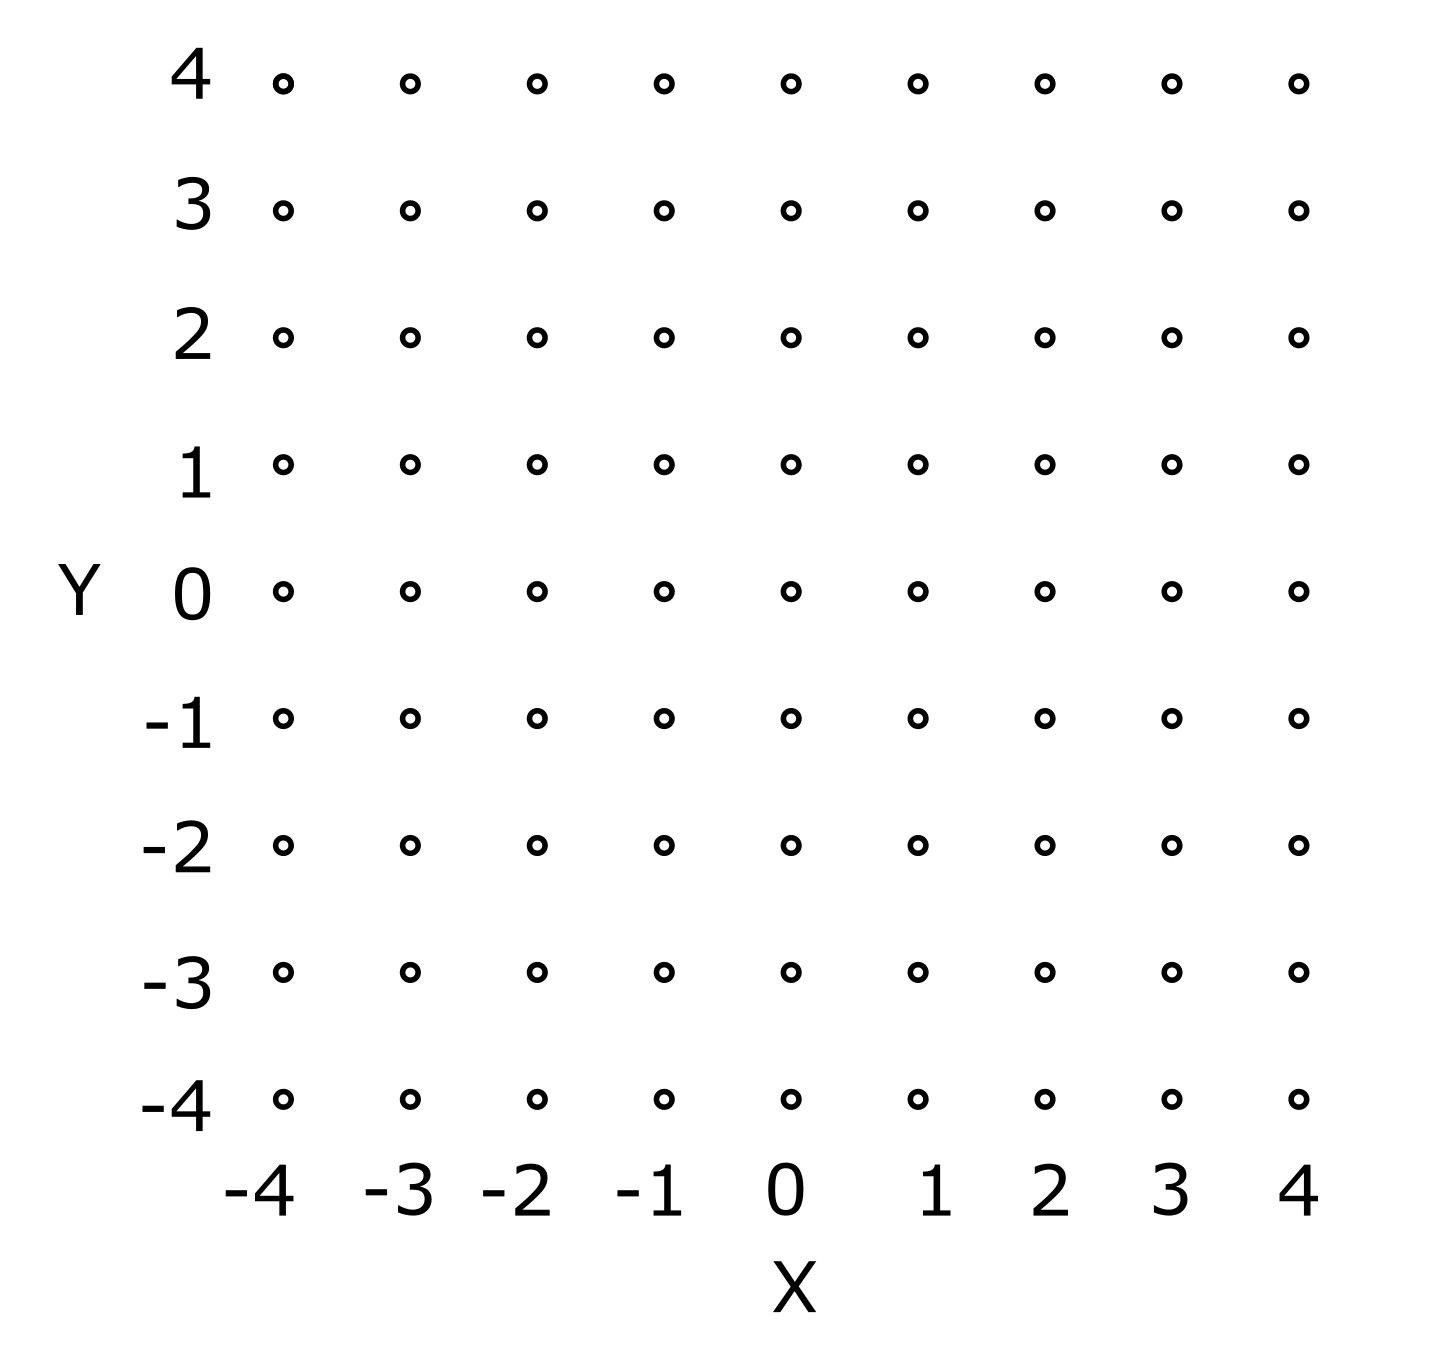 Логика сознания. Часть 7. Самоорганизация пространства контекстов - 16